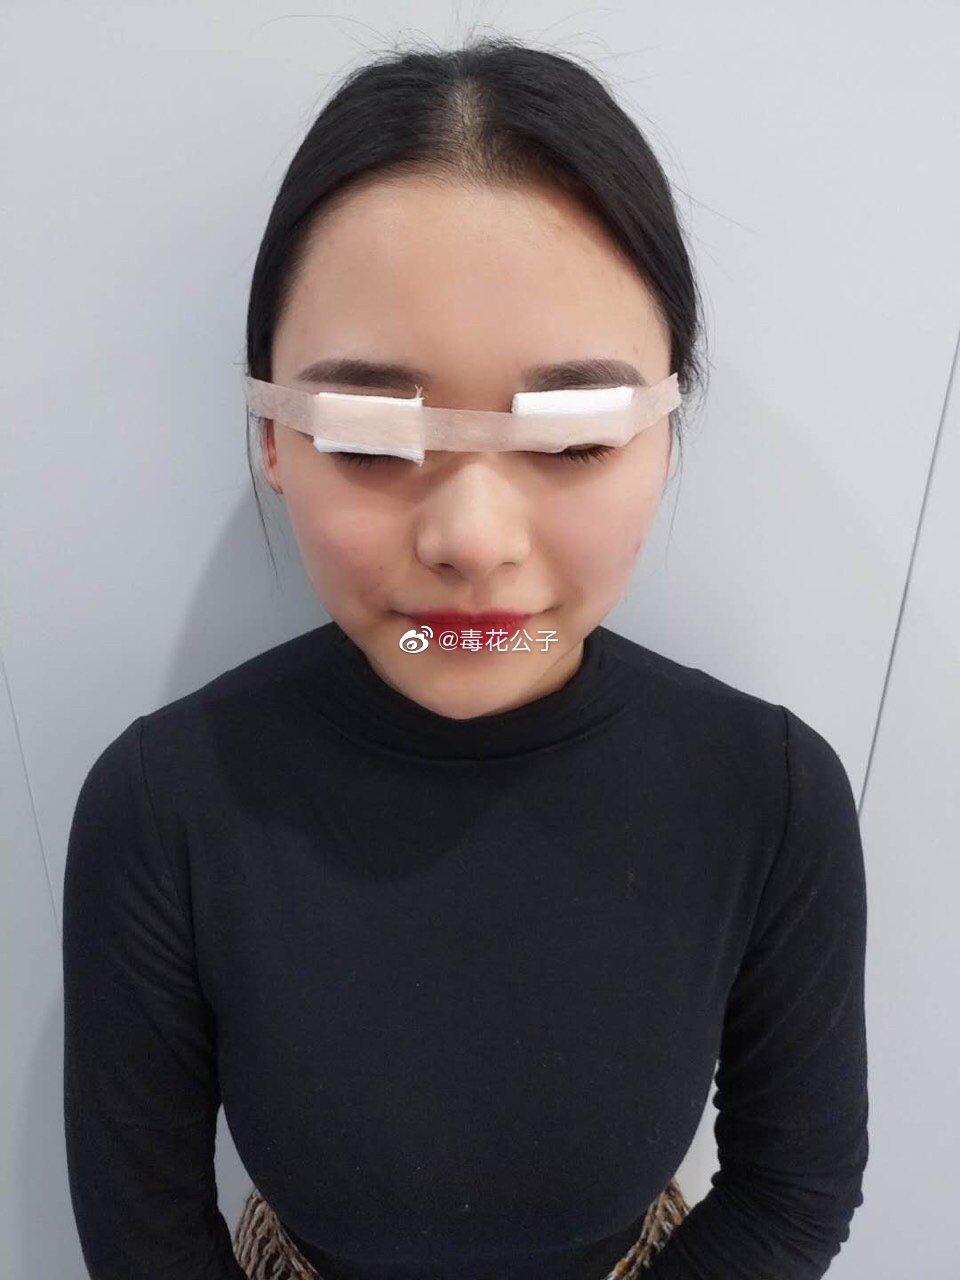 珠海全切双眼皮投稿:一直内双的我可以说是非常渴望一双大眼睛了